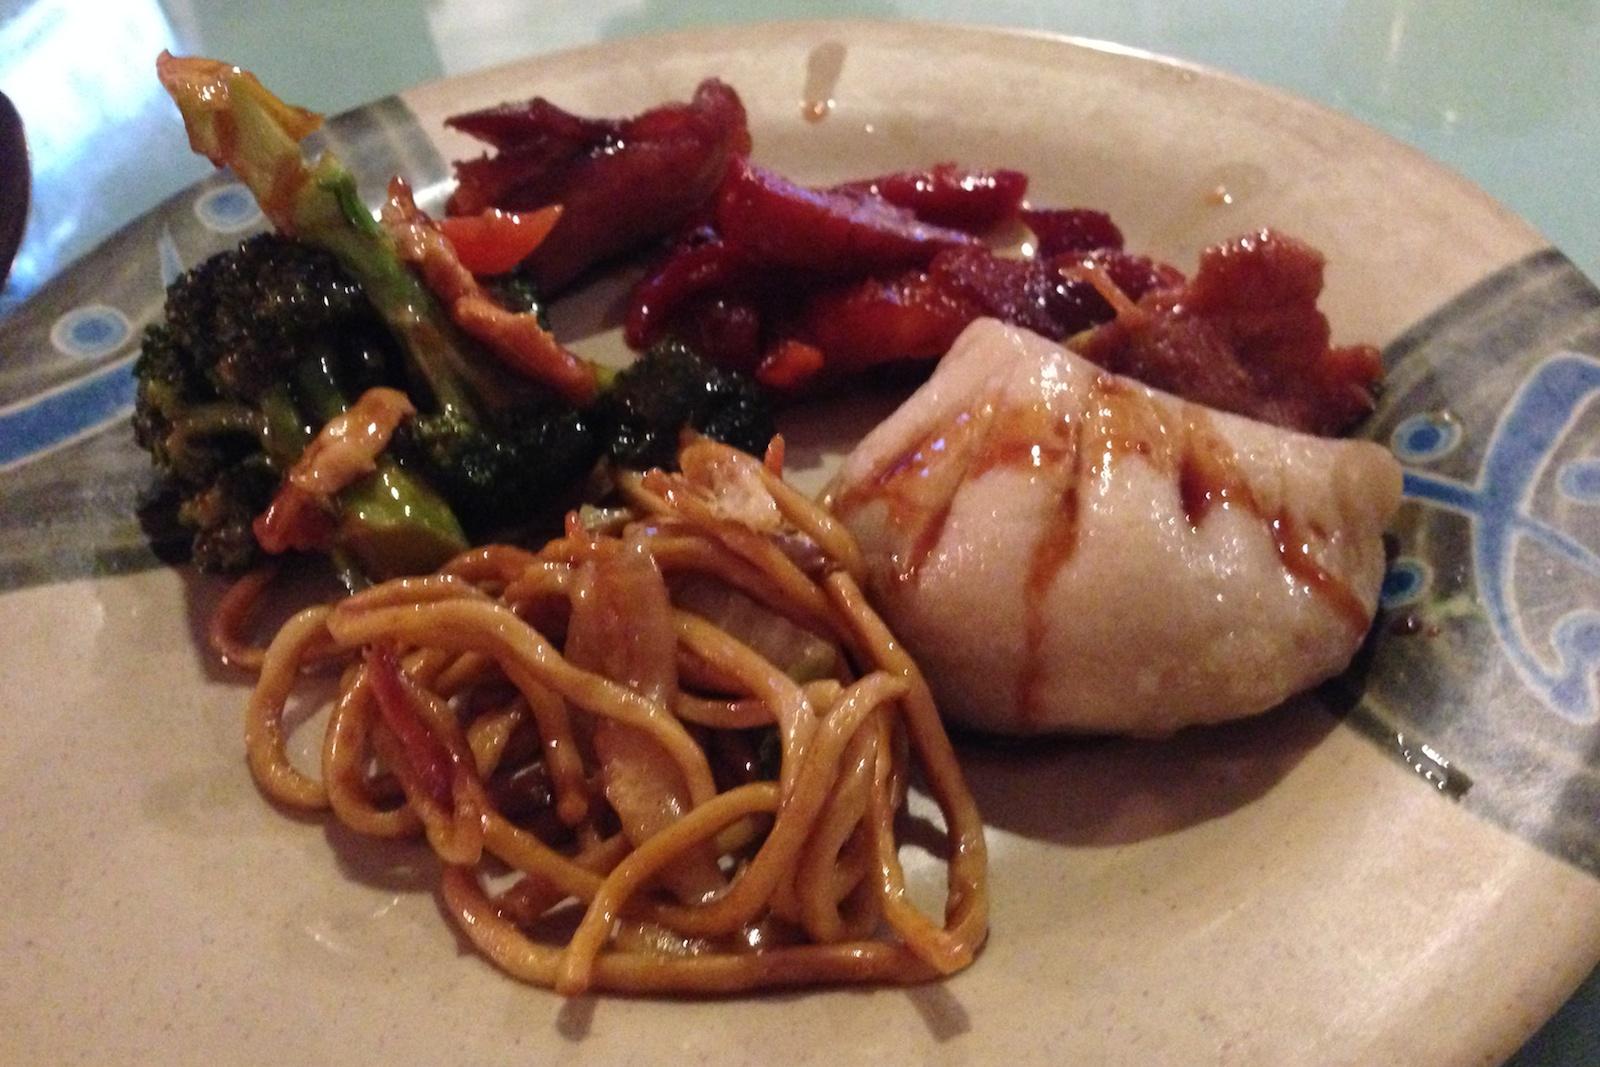 http://blog.rickk.com/food/2014/02/09/2014.02.09.d1.jpg